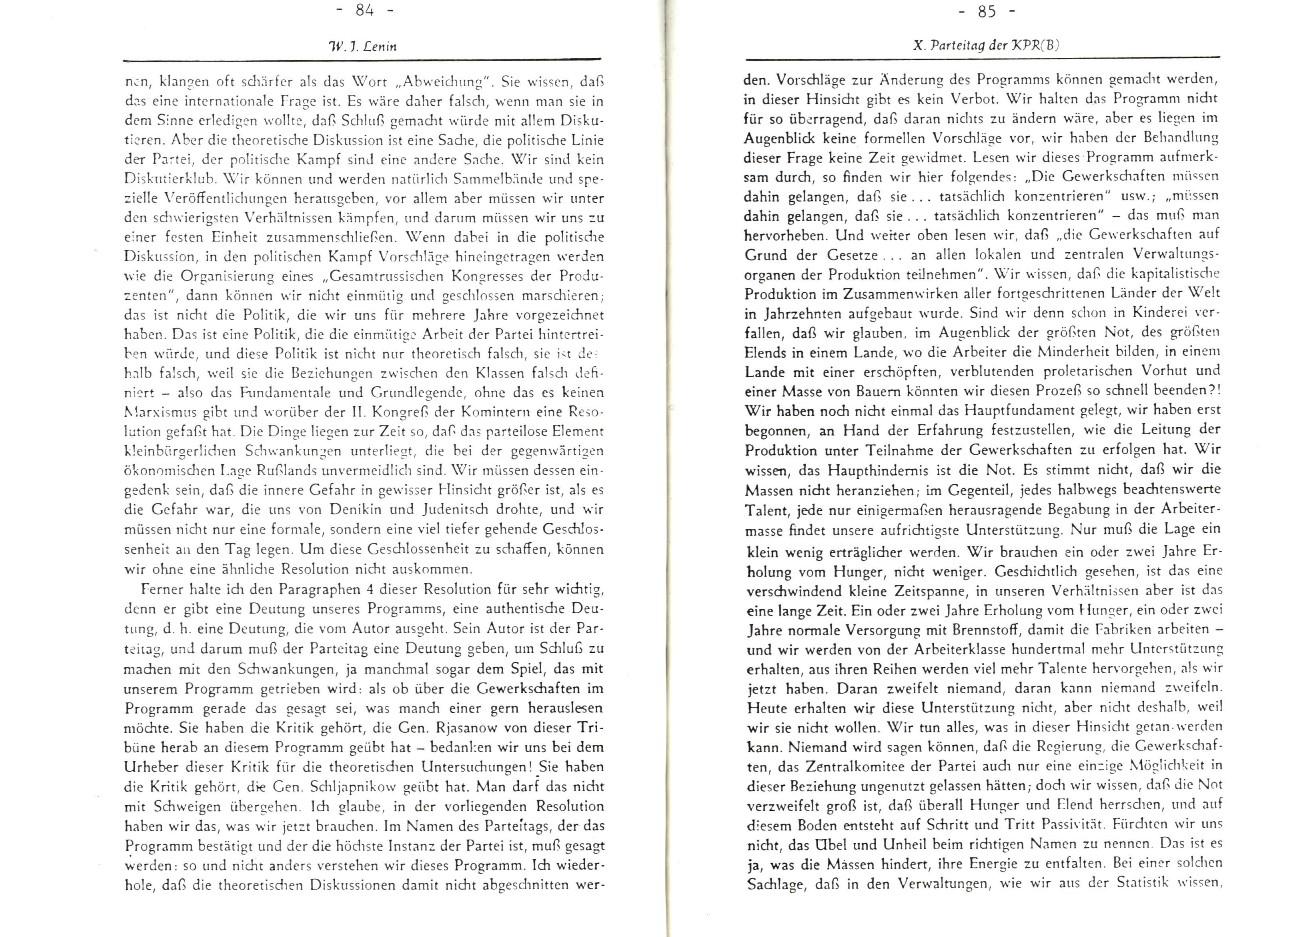 MLSK_Theorie_und_Praxis_des_ML_1979_25_43